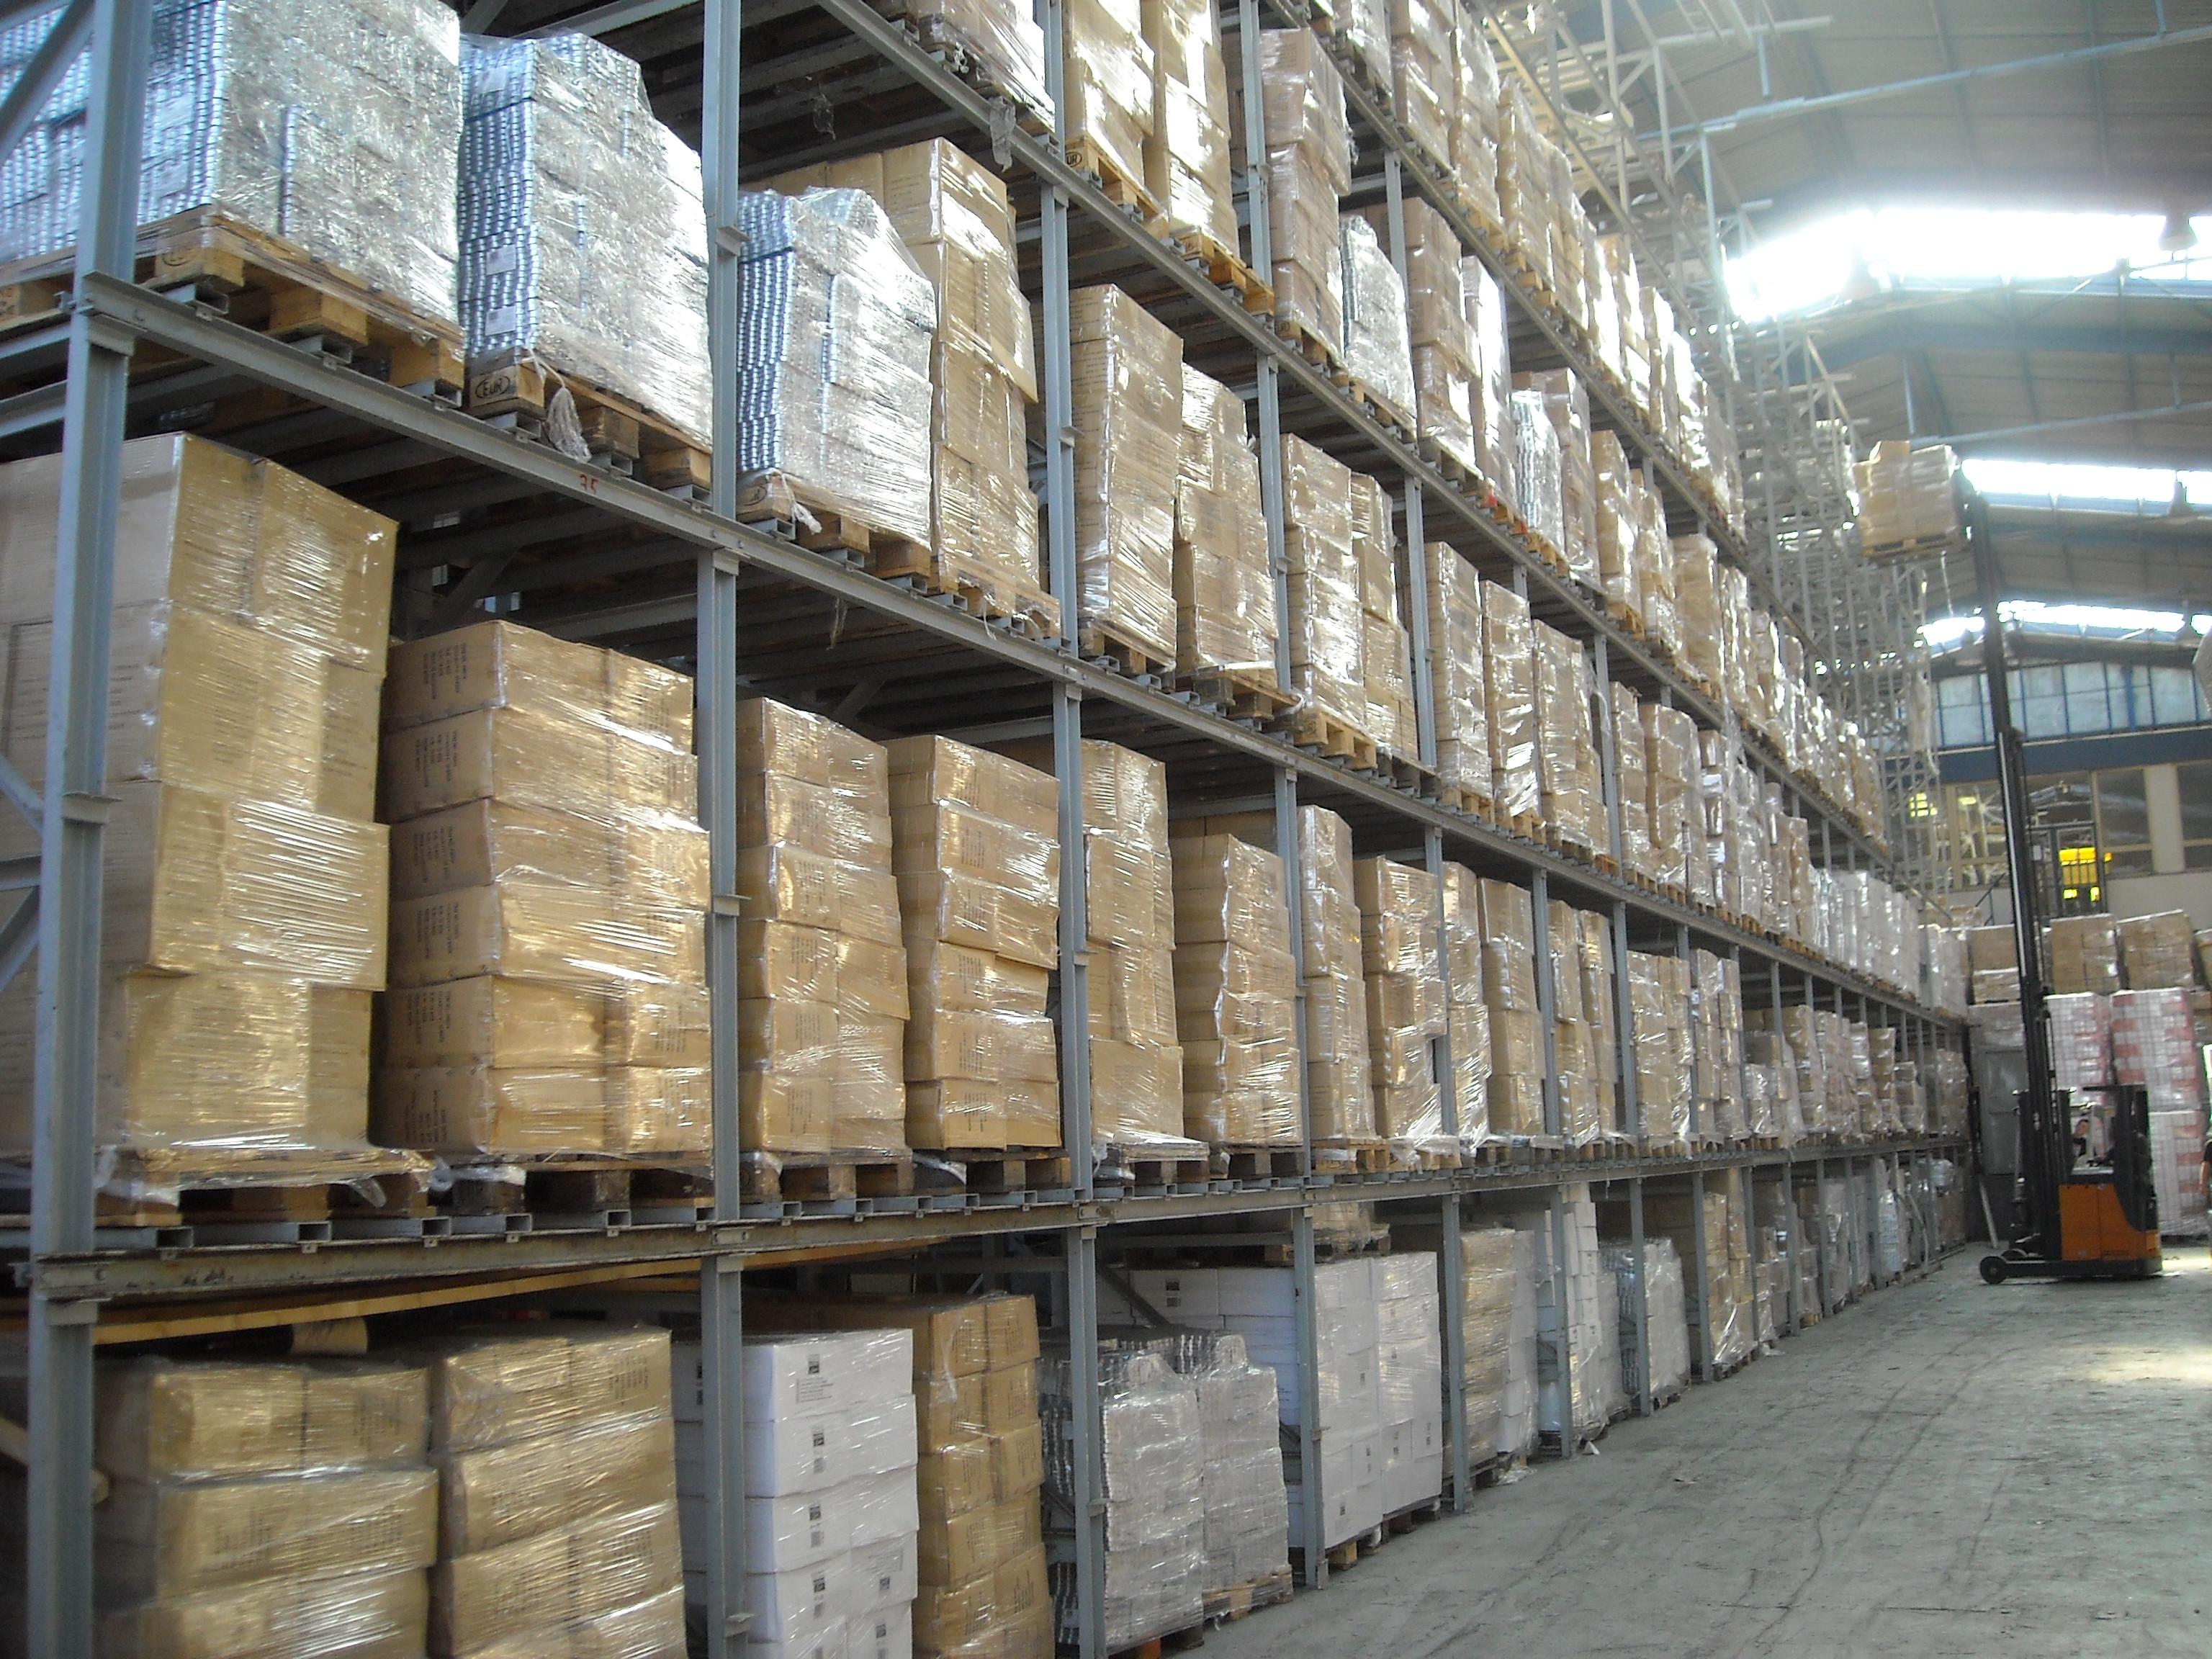 Pronájem skladů v Olomouci, ruční vykládka kamionů, kontejnerů, překládka a rozvoz zboží